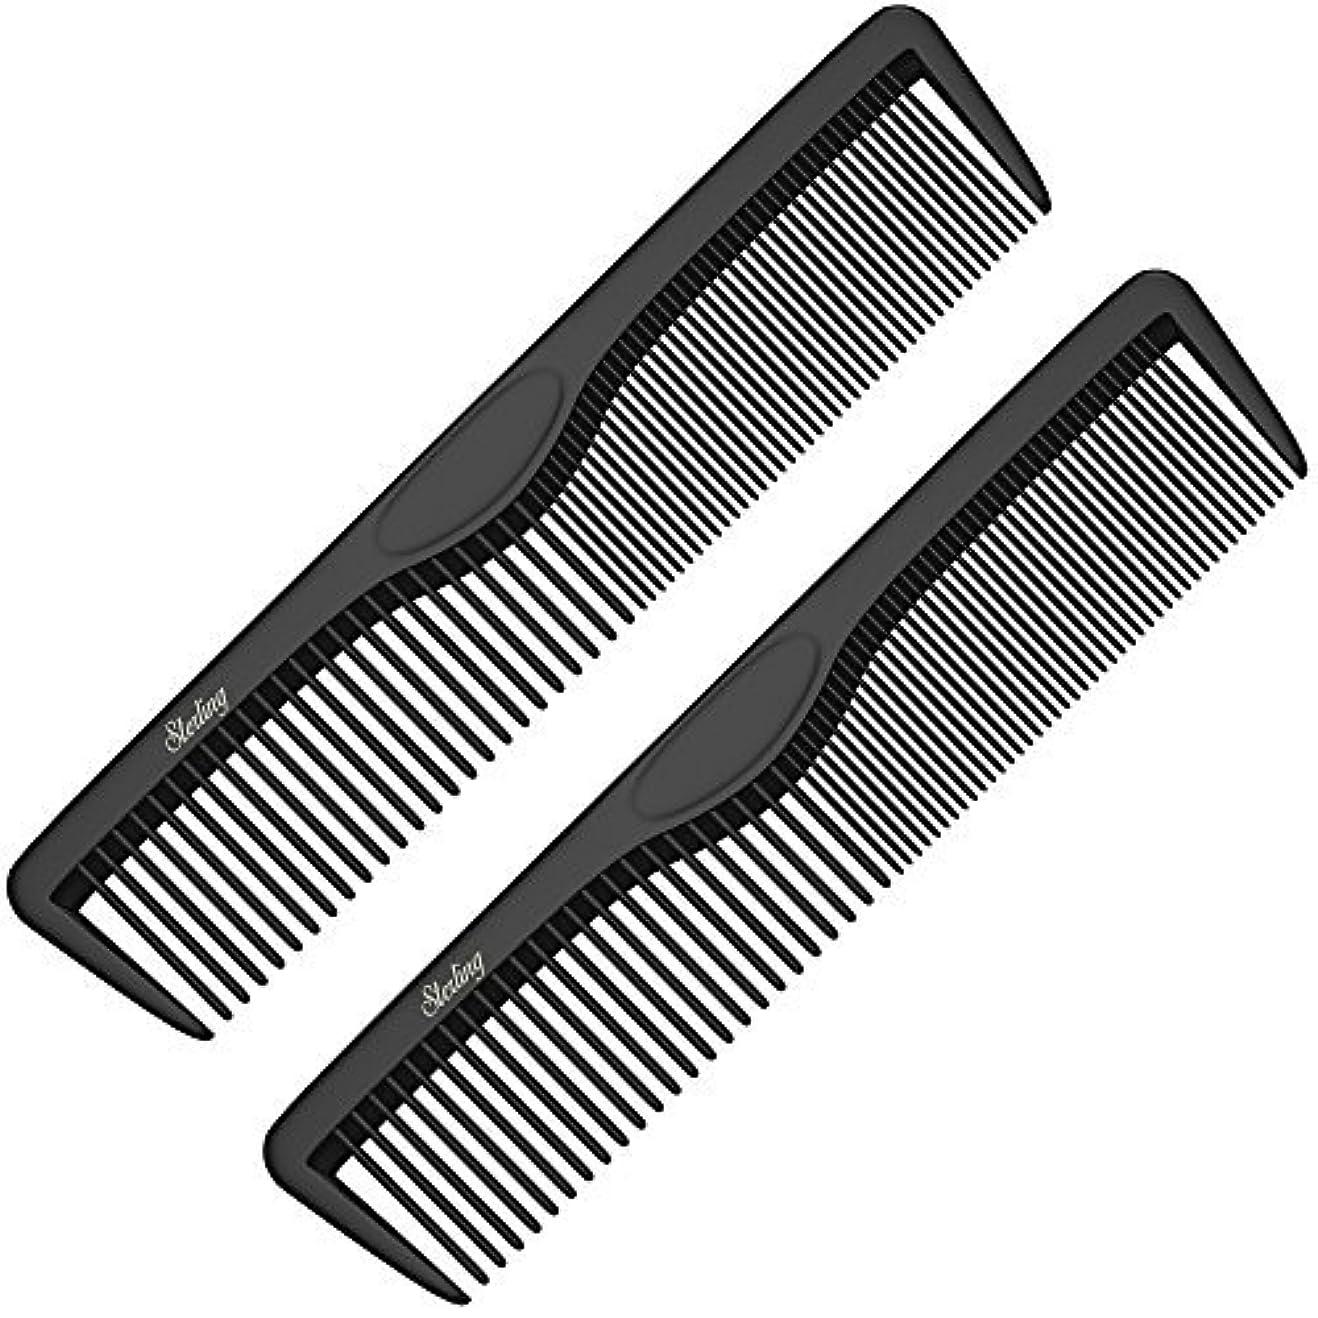 部族変わるブームPocket Combs | 2 Pack | Professional 5 Inch Black Carbon Fiber Hair Comb | Fine And Wide Tooth Travel Comb Set...